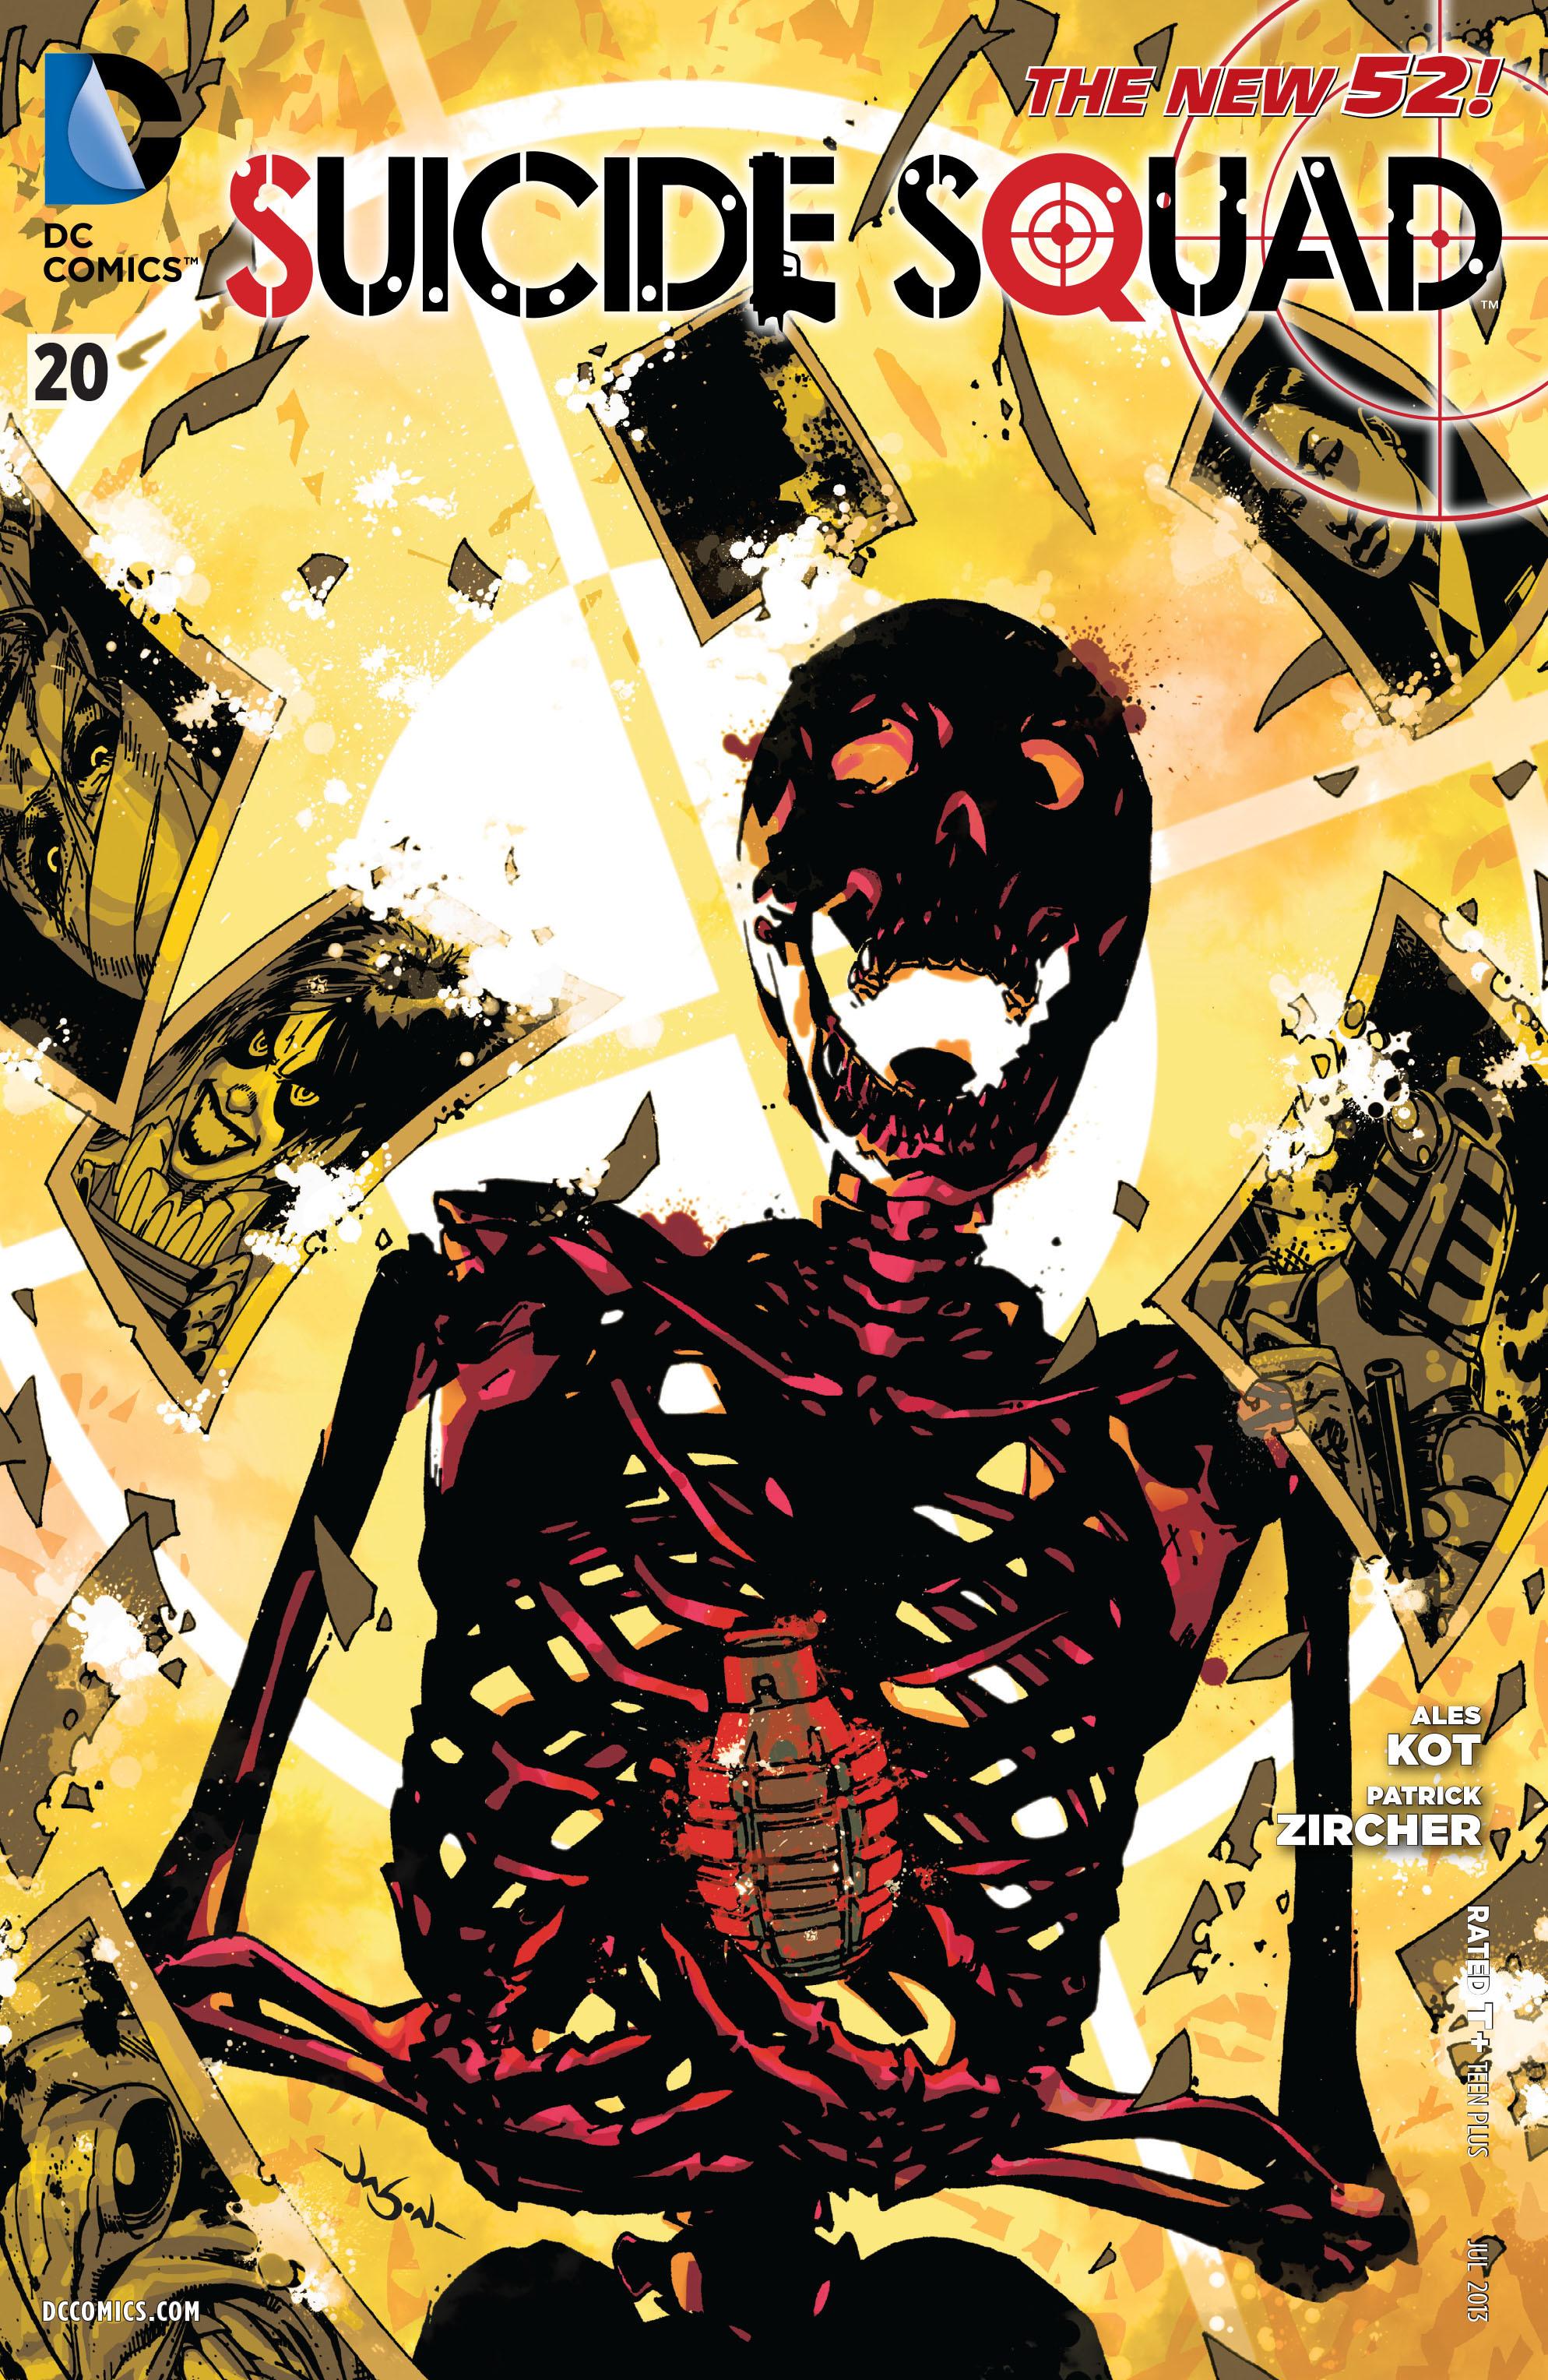 Suicide Squad Vol.4 #20